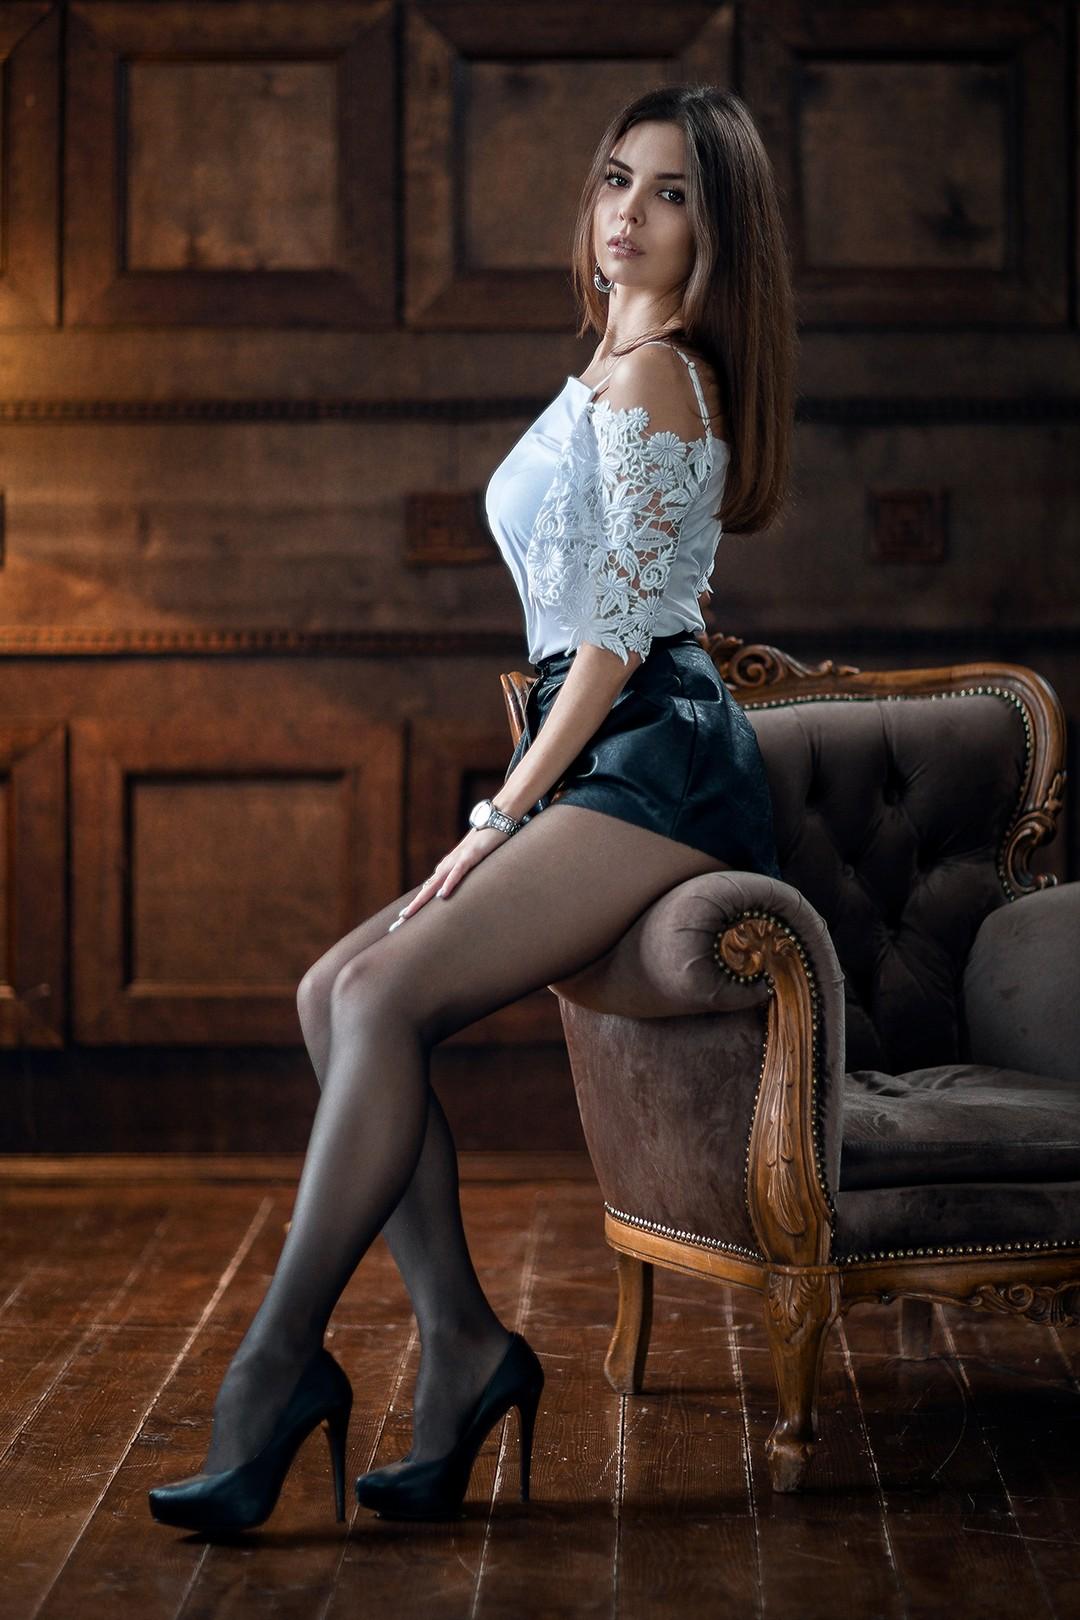 Чувственные снимки девушек от Михаила Михайлова